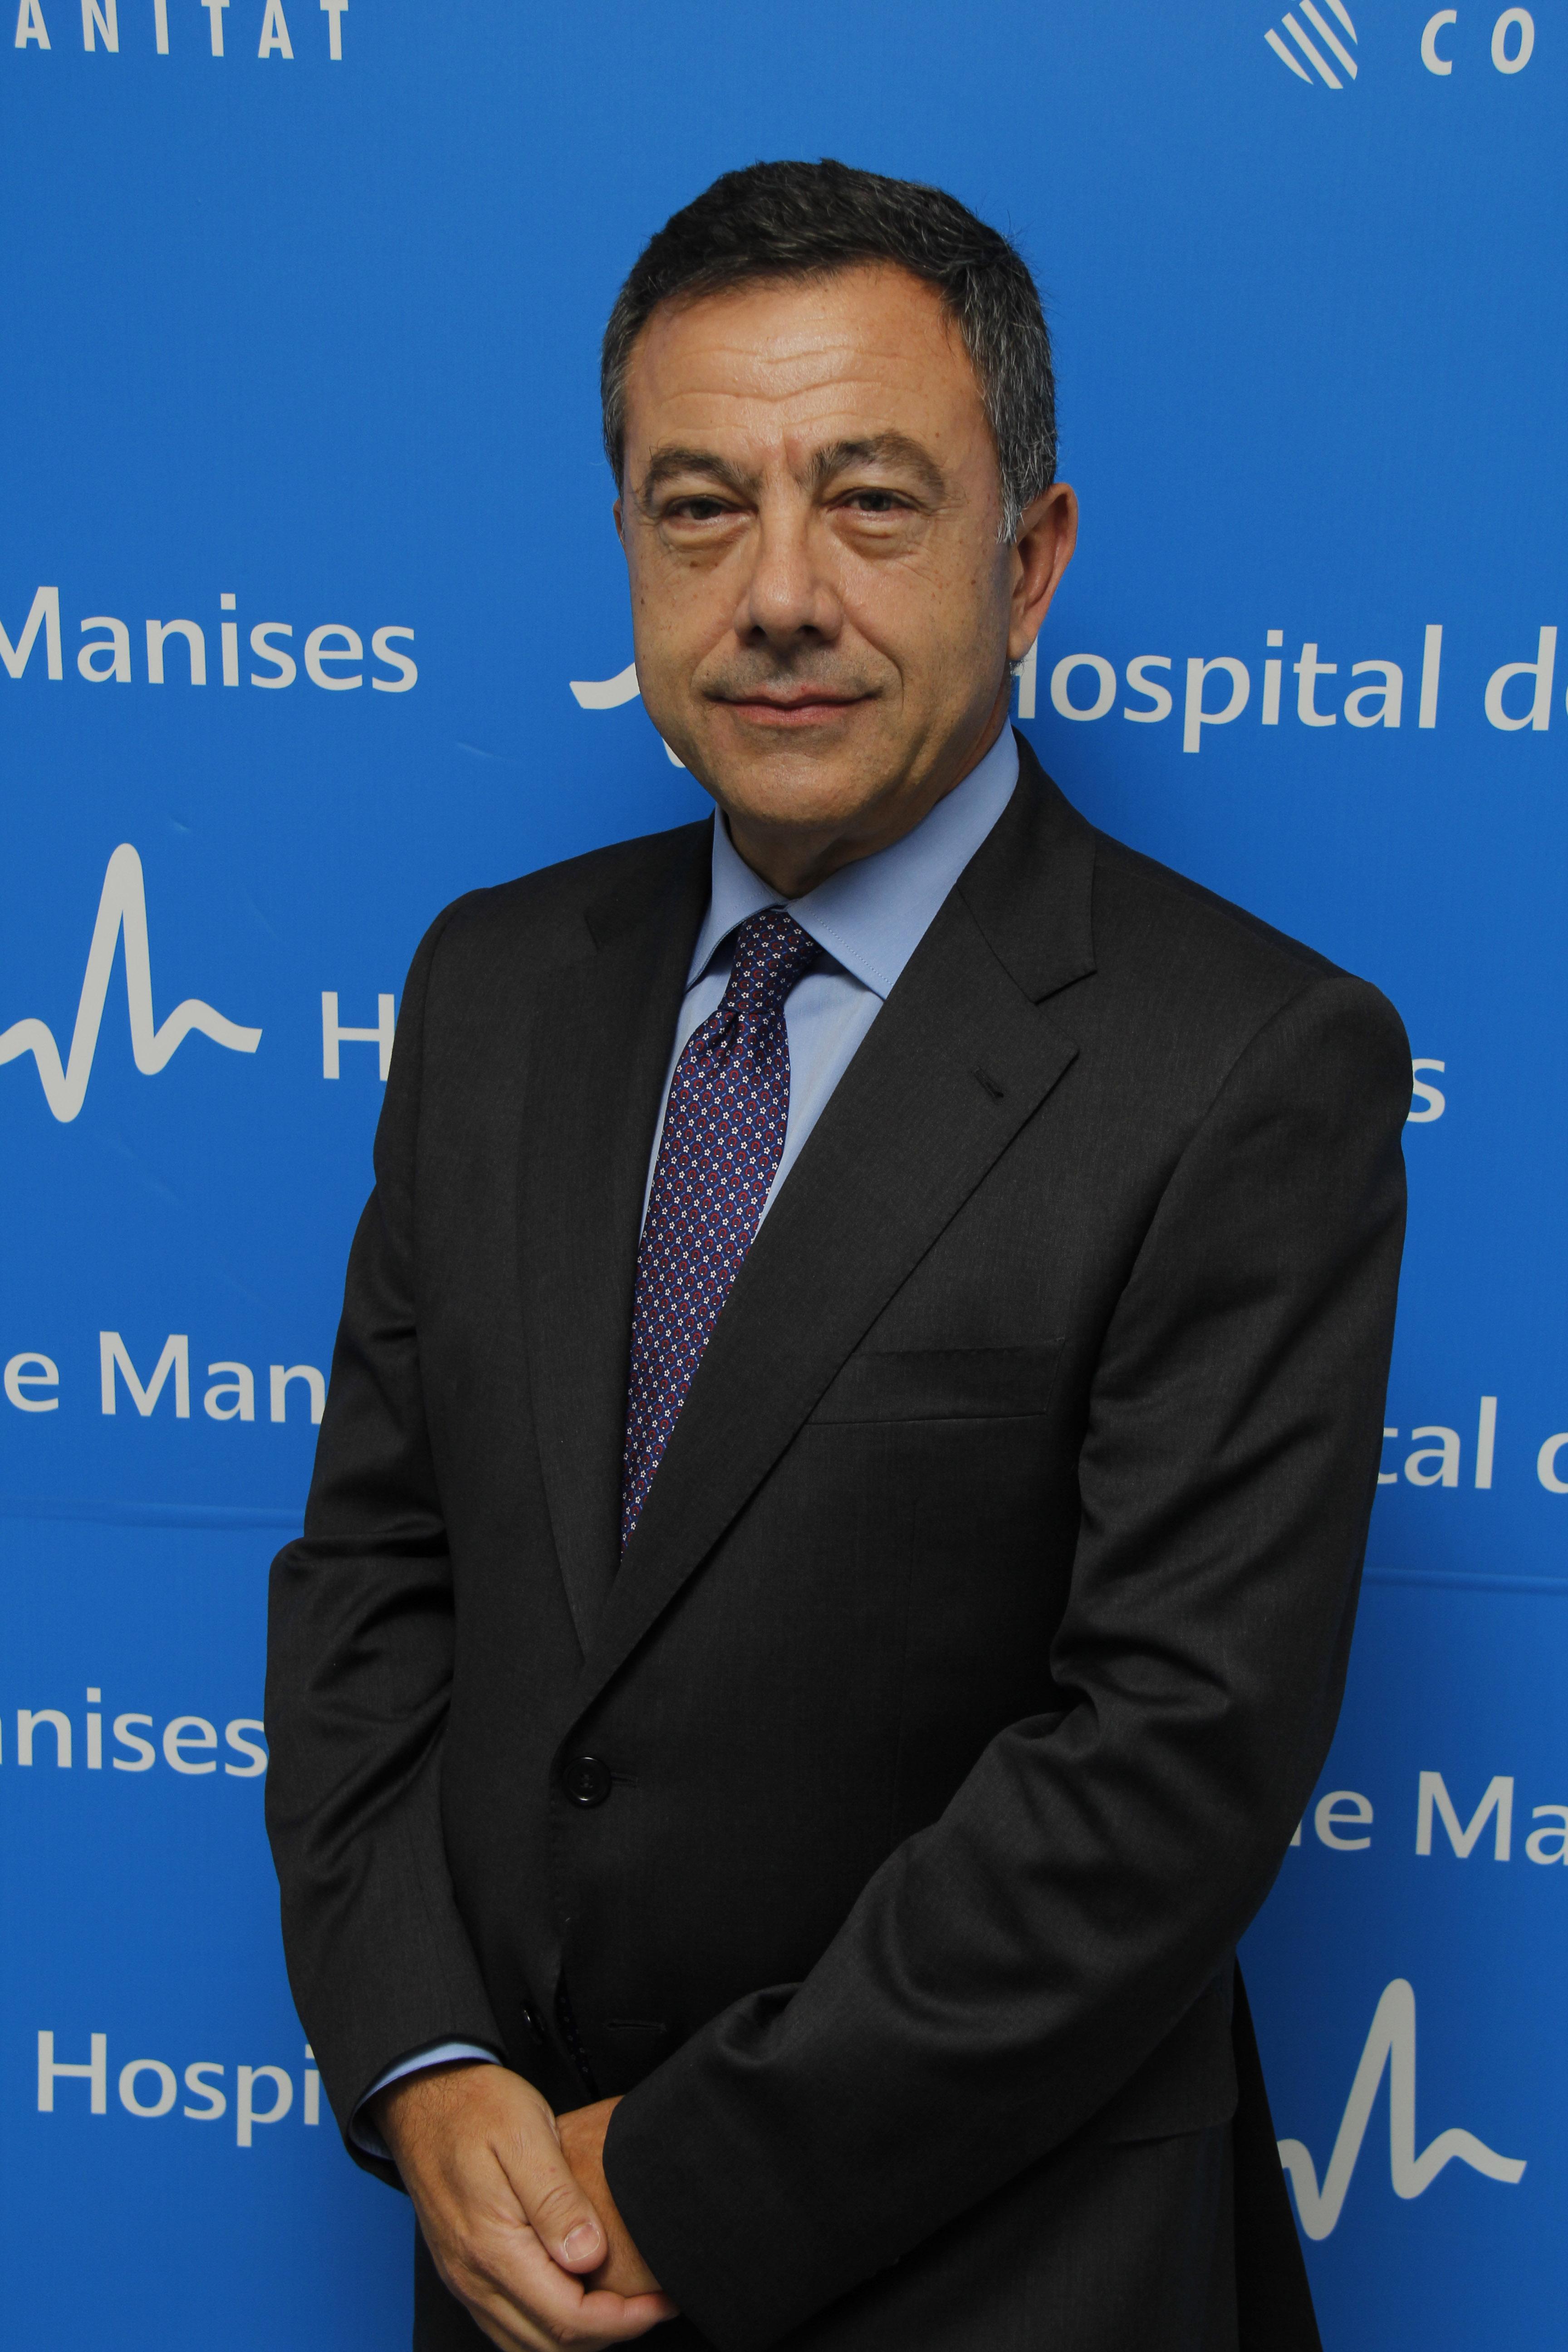 RicardoTrujillo es el nuevo director gerente Departamento Salud Manises.